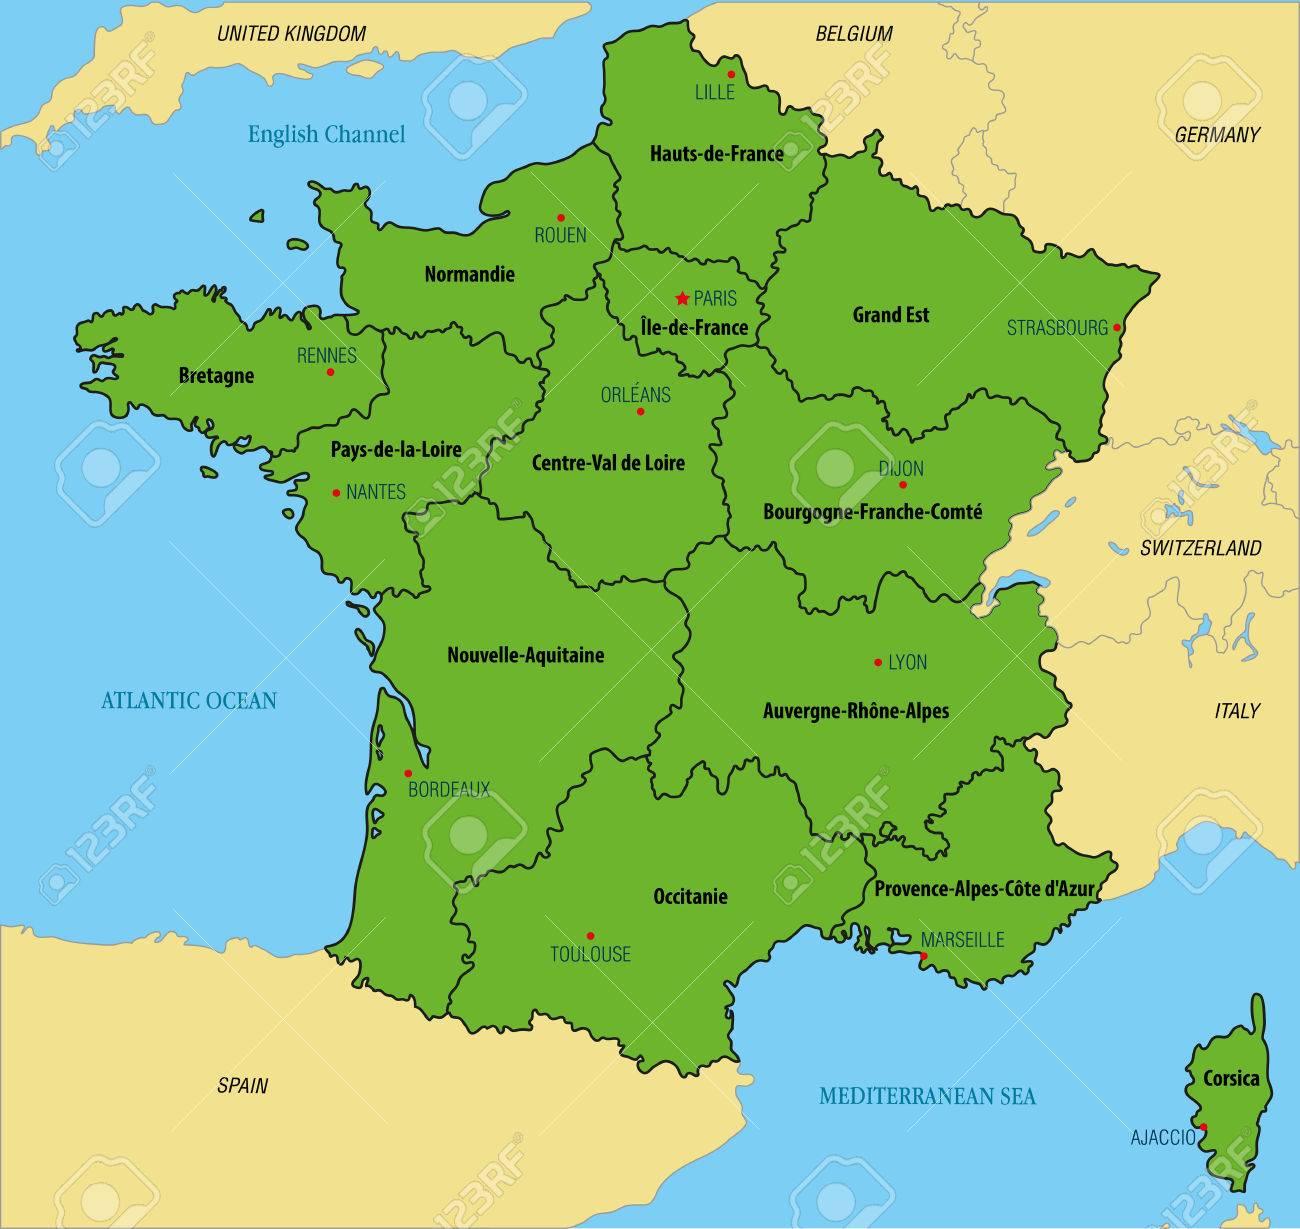 Mapa Politico De Francia 2019.Vector Mapa Politico Muy Detallado De Francia Con Las Regiones Y Sus Capitales Todos Los Elementos Estan Separados En Capas Editables Claramente